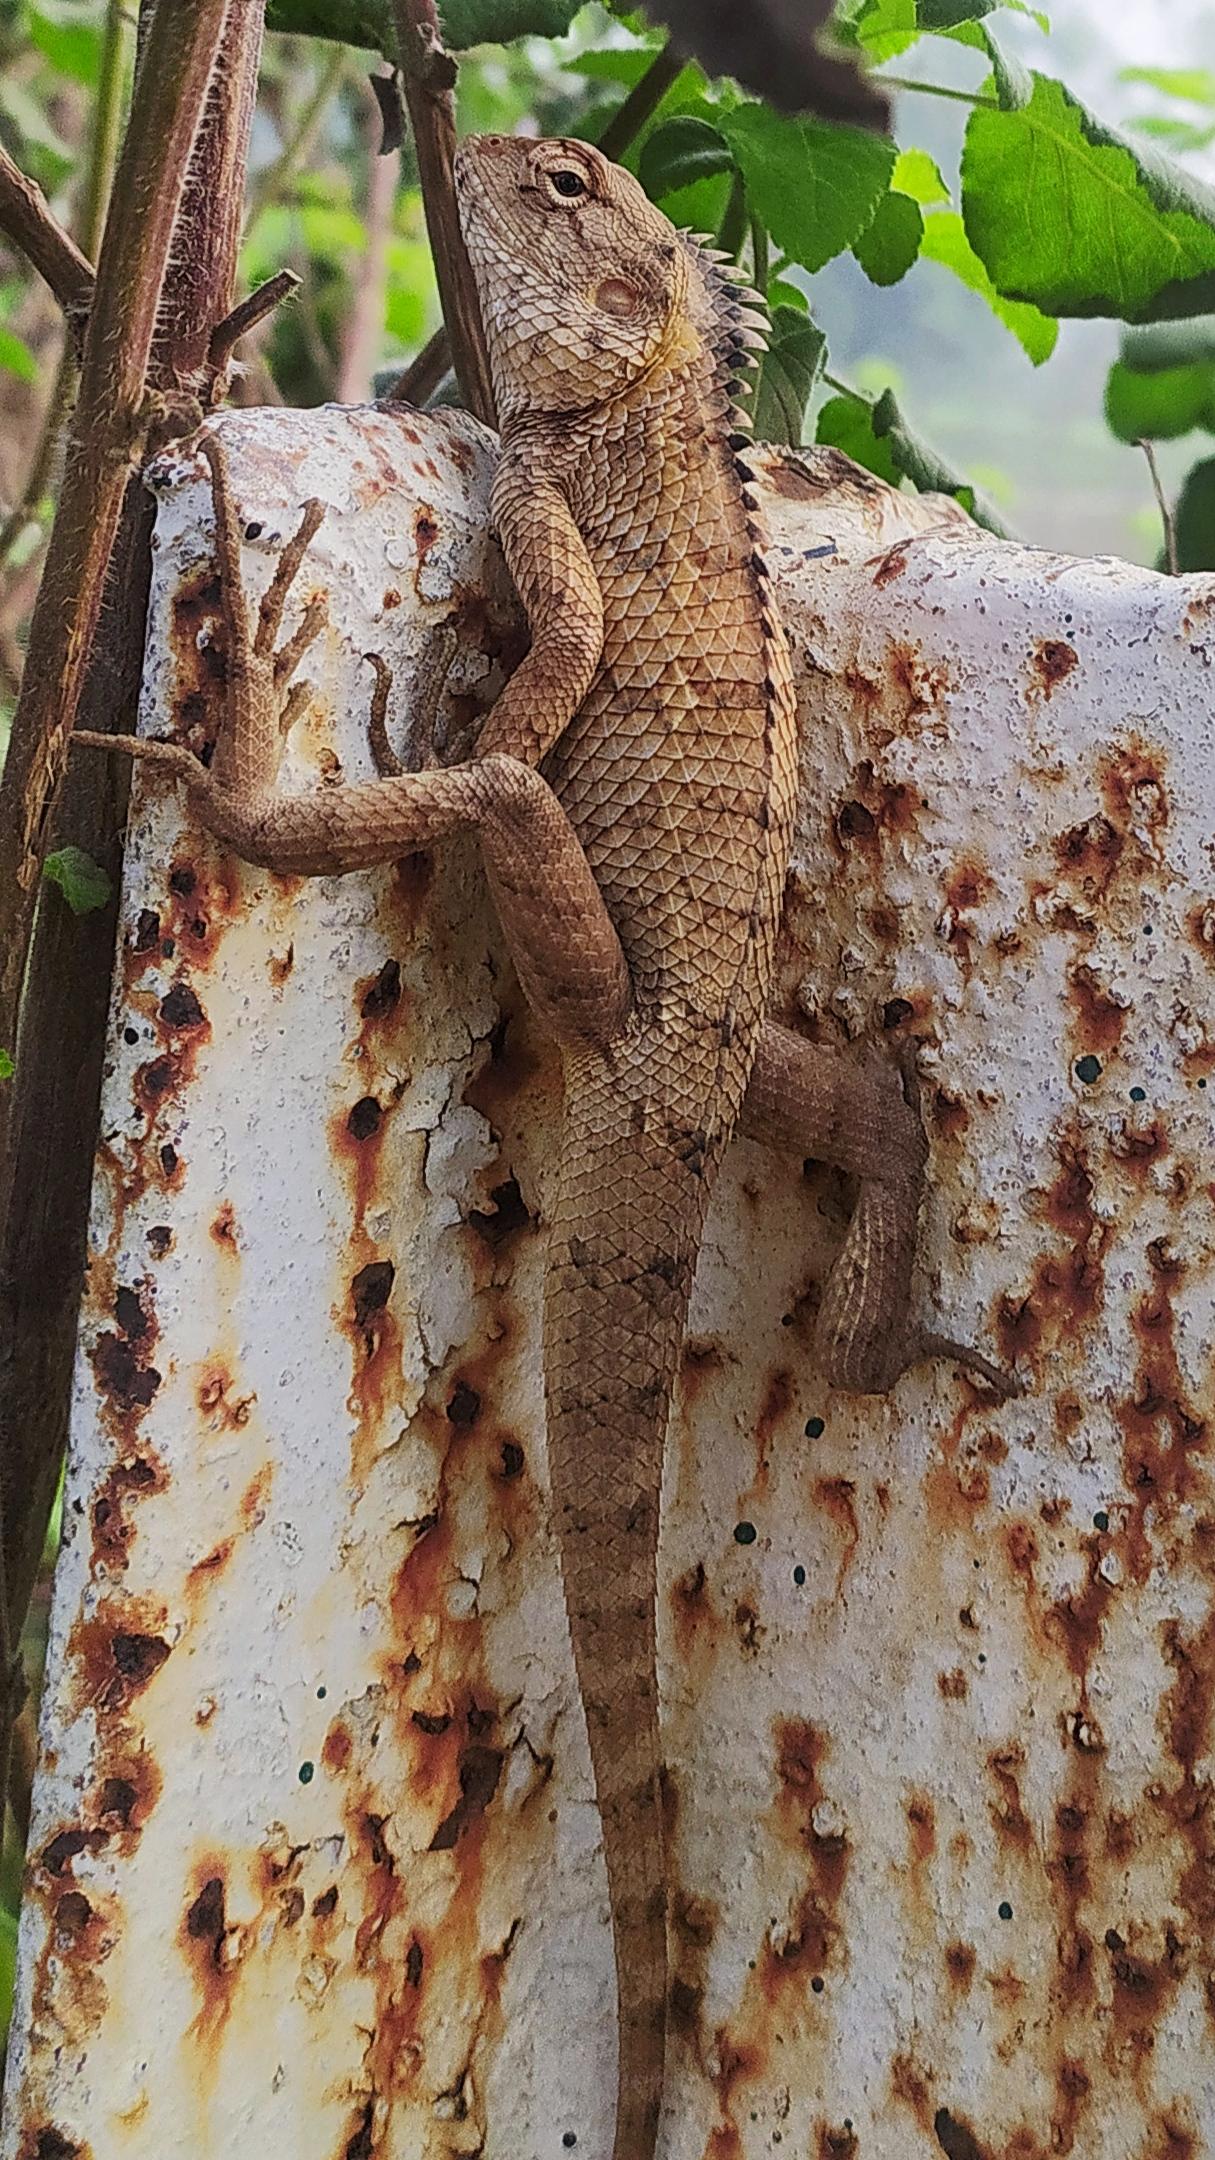 Garden lizard on wall